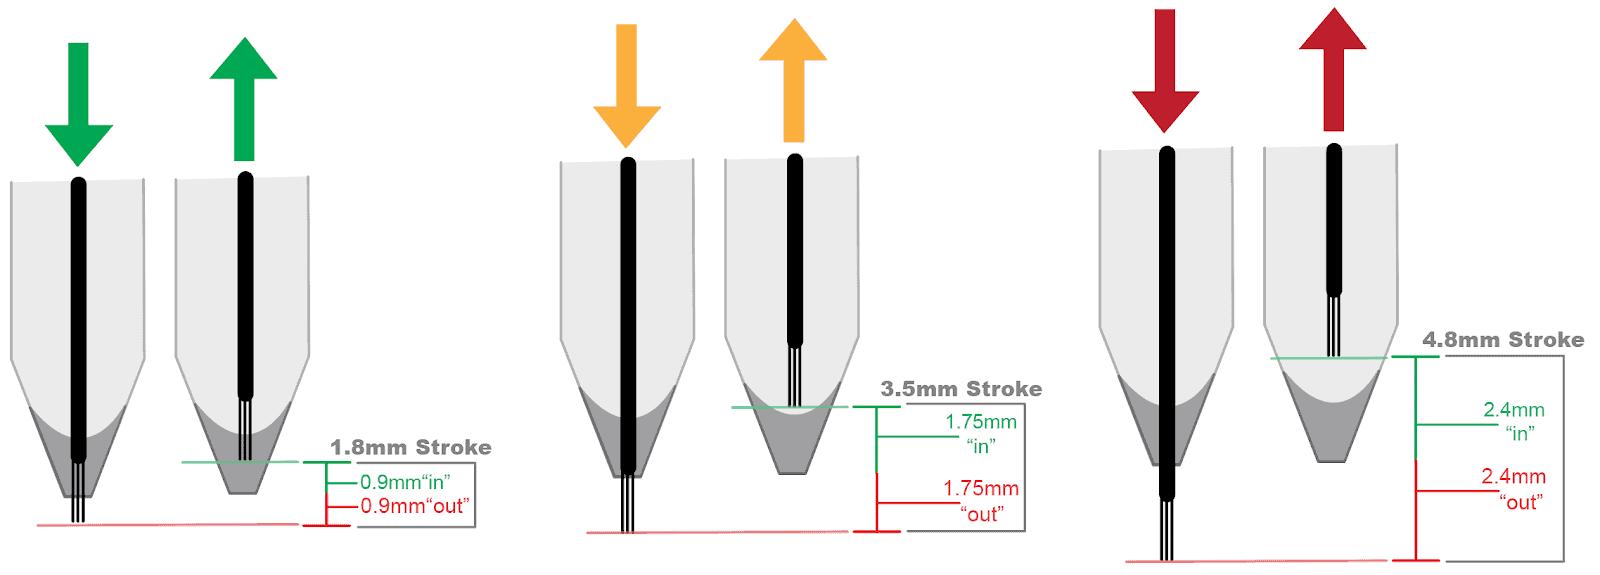 needle stroke mm